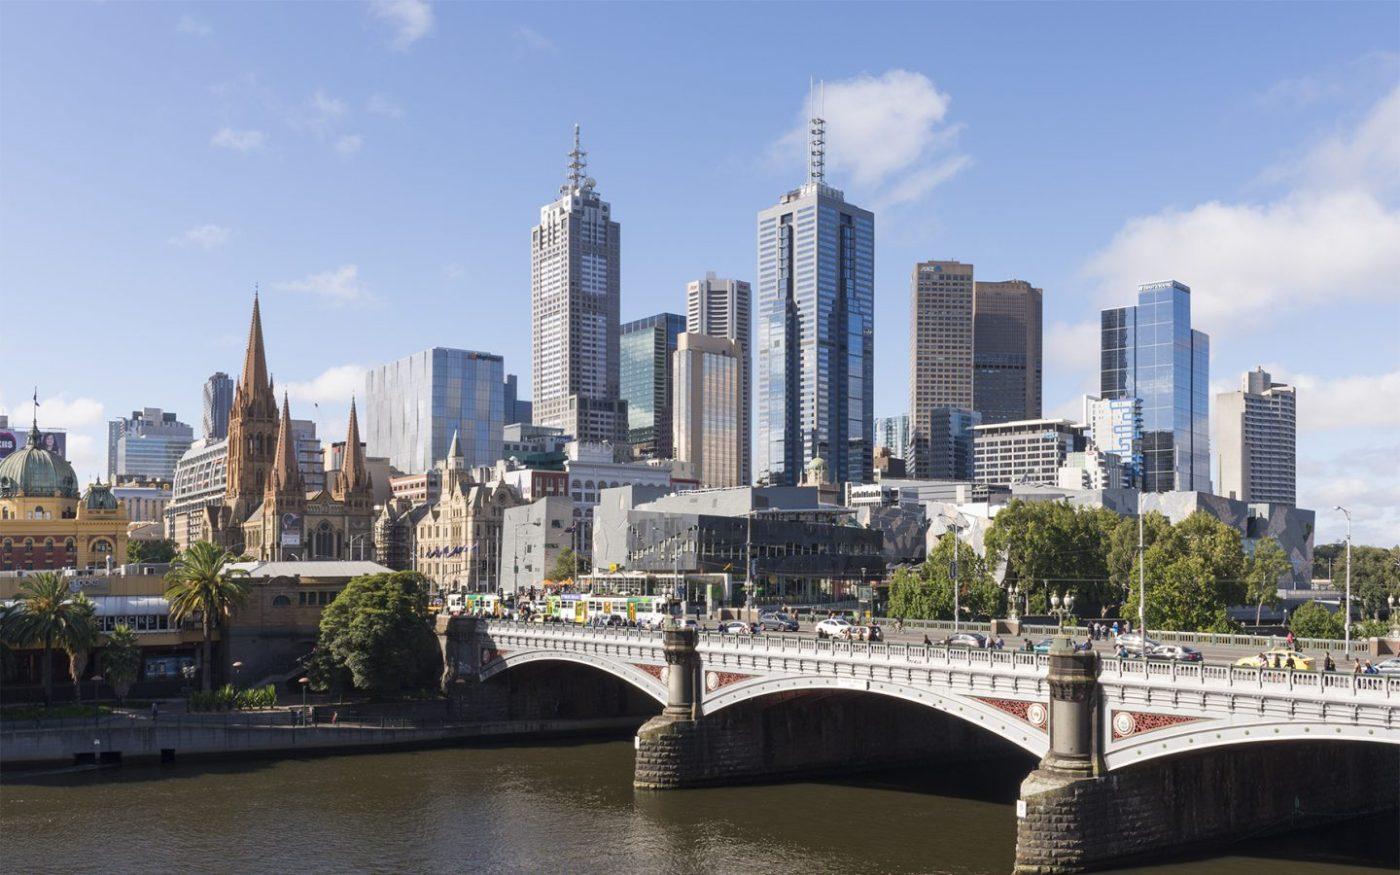 Vue sur le quartier des affaires de Melbourne en Australie.